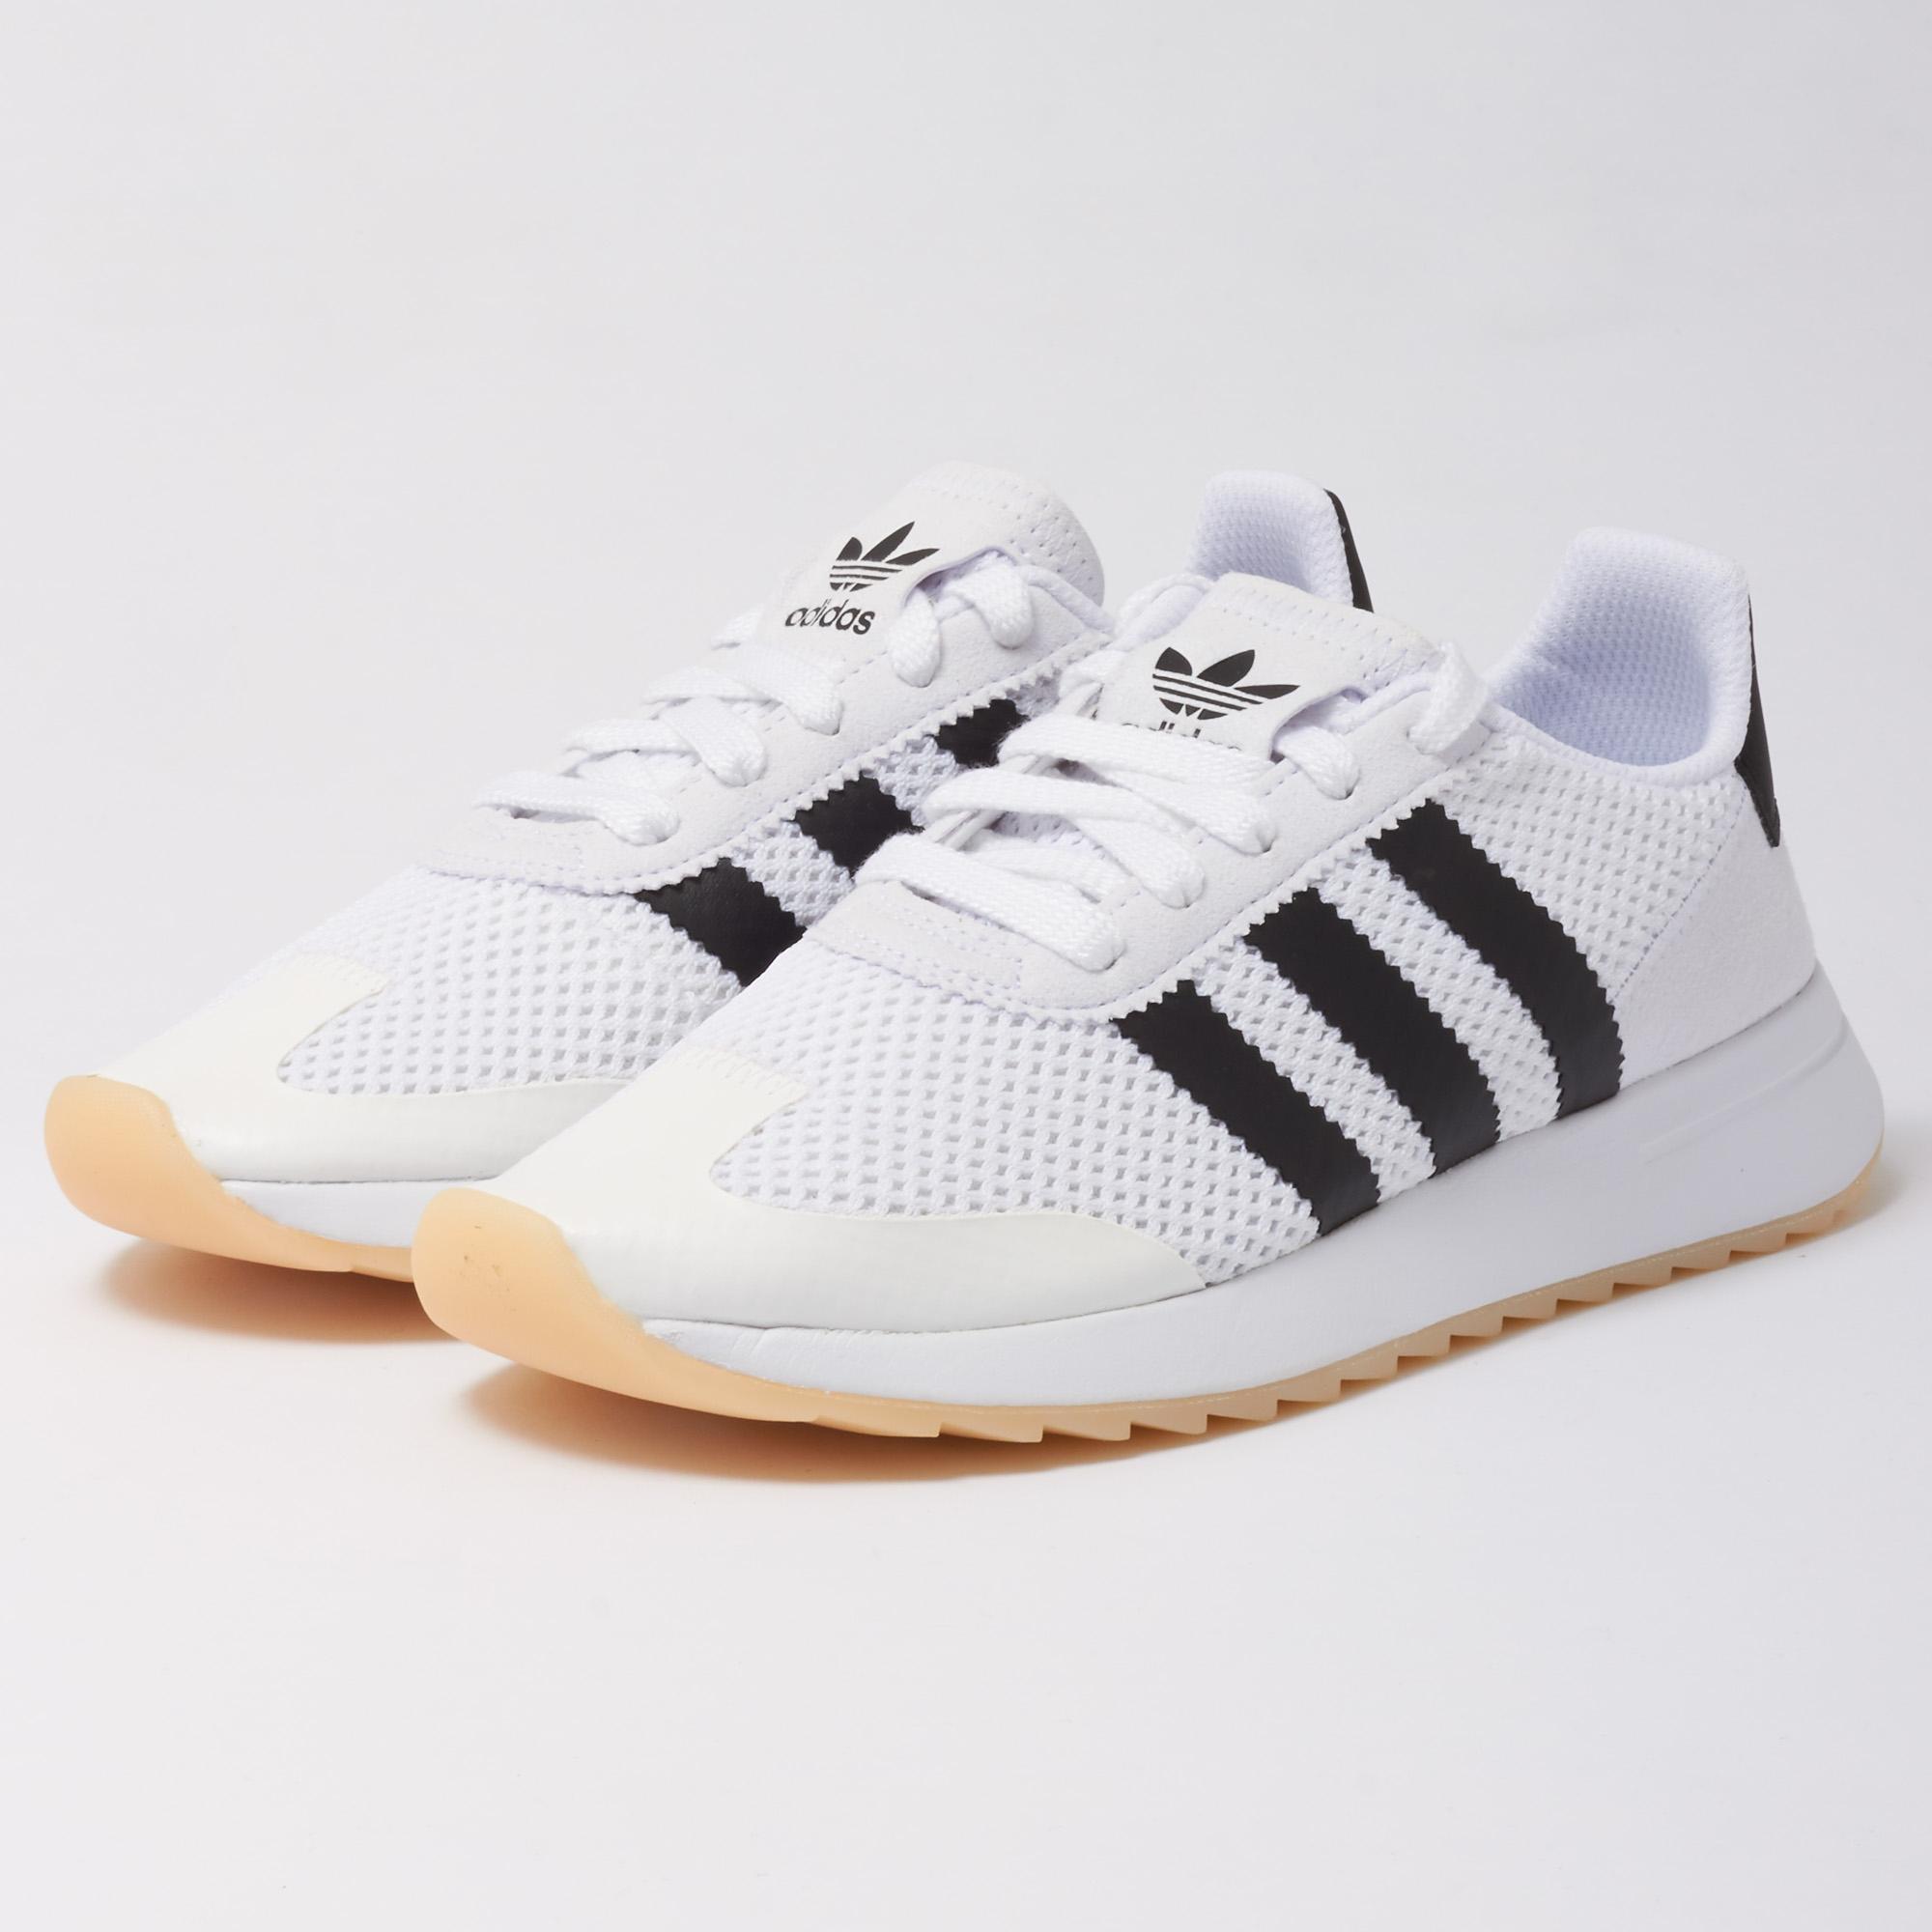 lyst adidas originali wmns flb scarpe bianche per gli uomini.